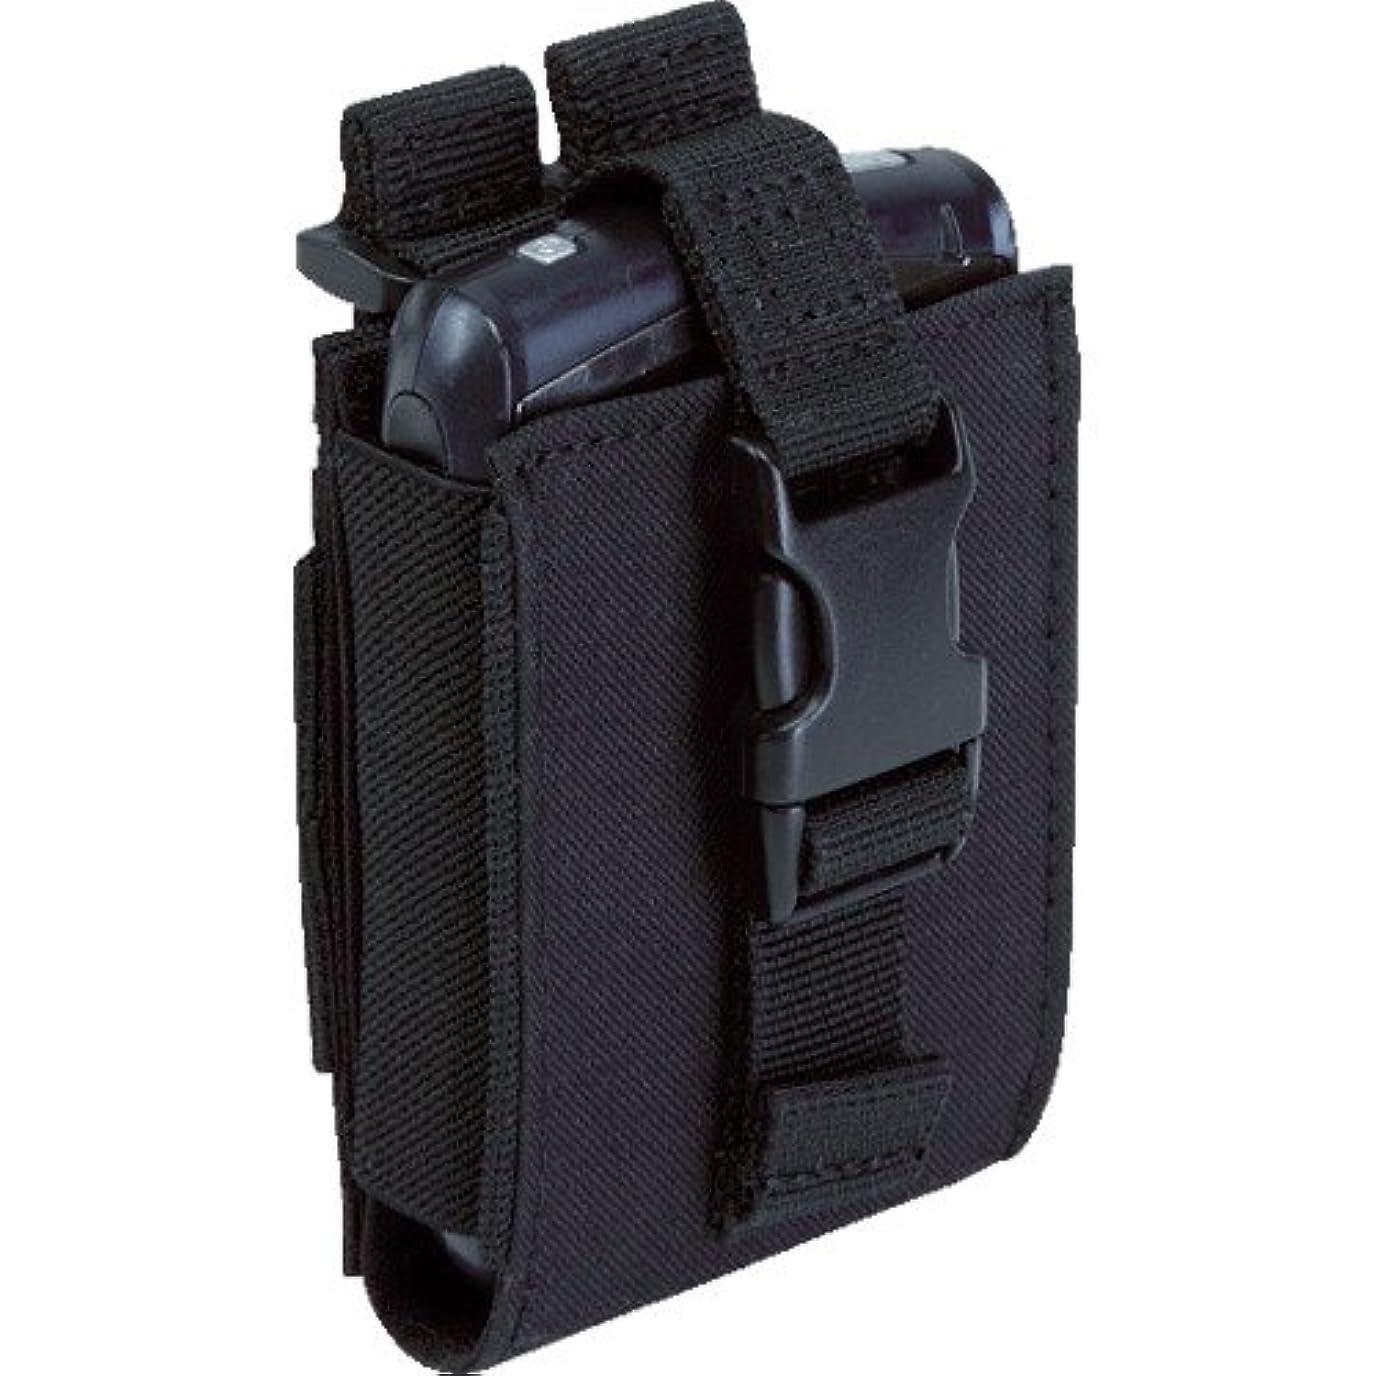 5.11(ファイブイレブン) LG C5 スマートフォン/PDAケース 56030019